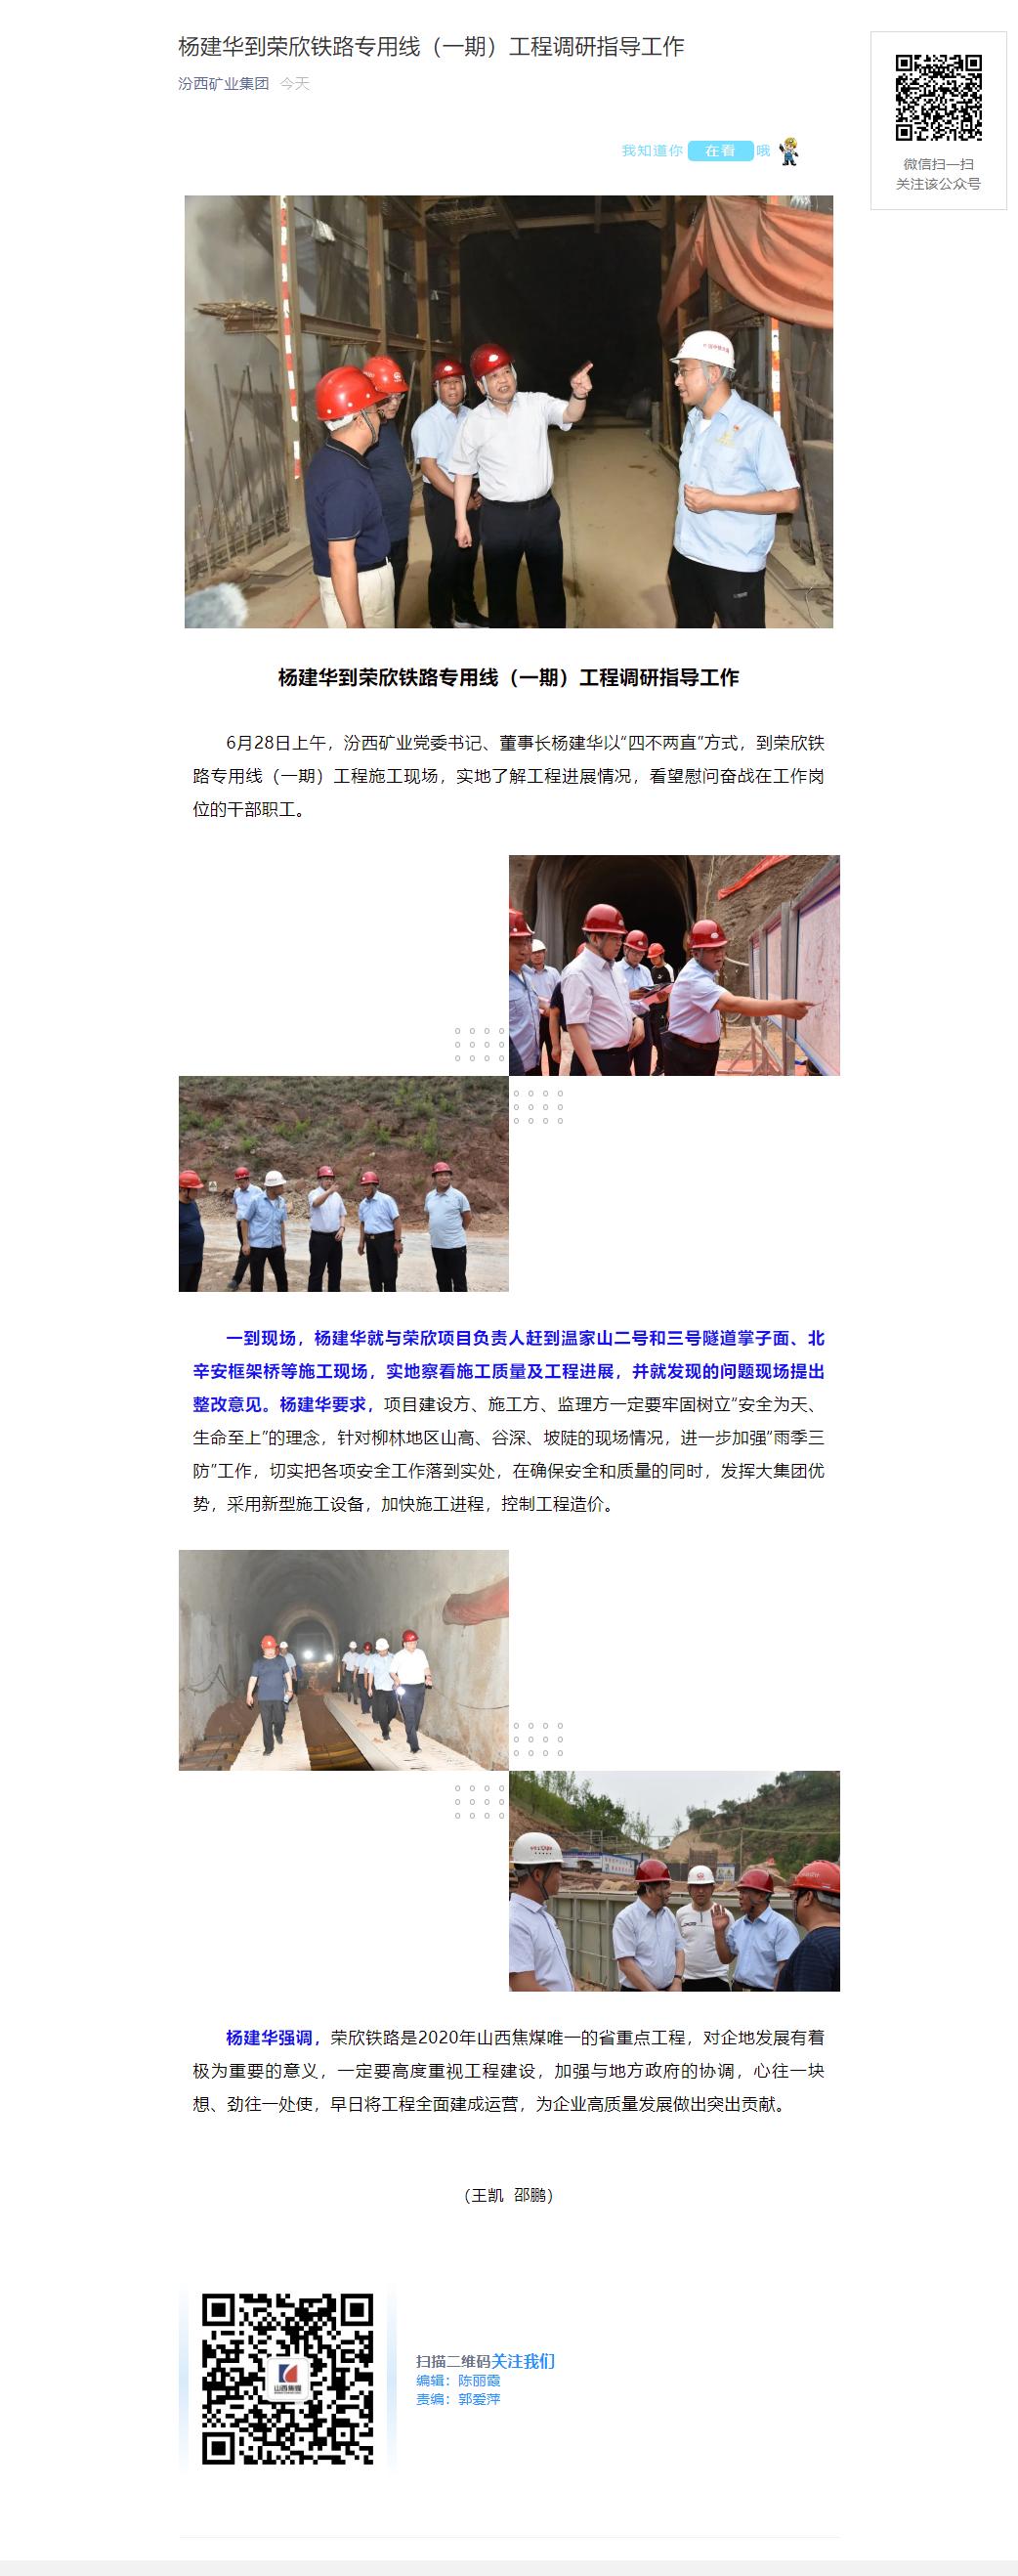 杨建华到荣欣铁路专用线(一期)工程调研指导工作.png